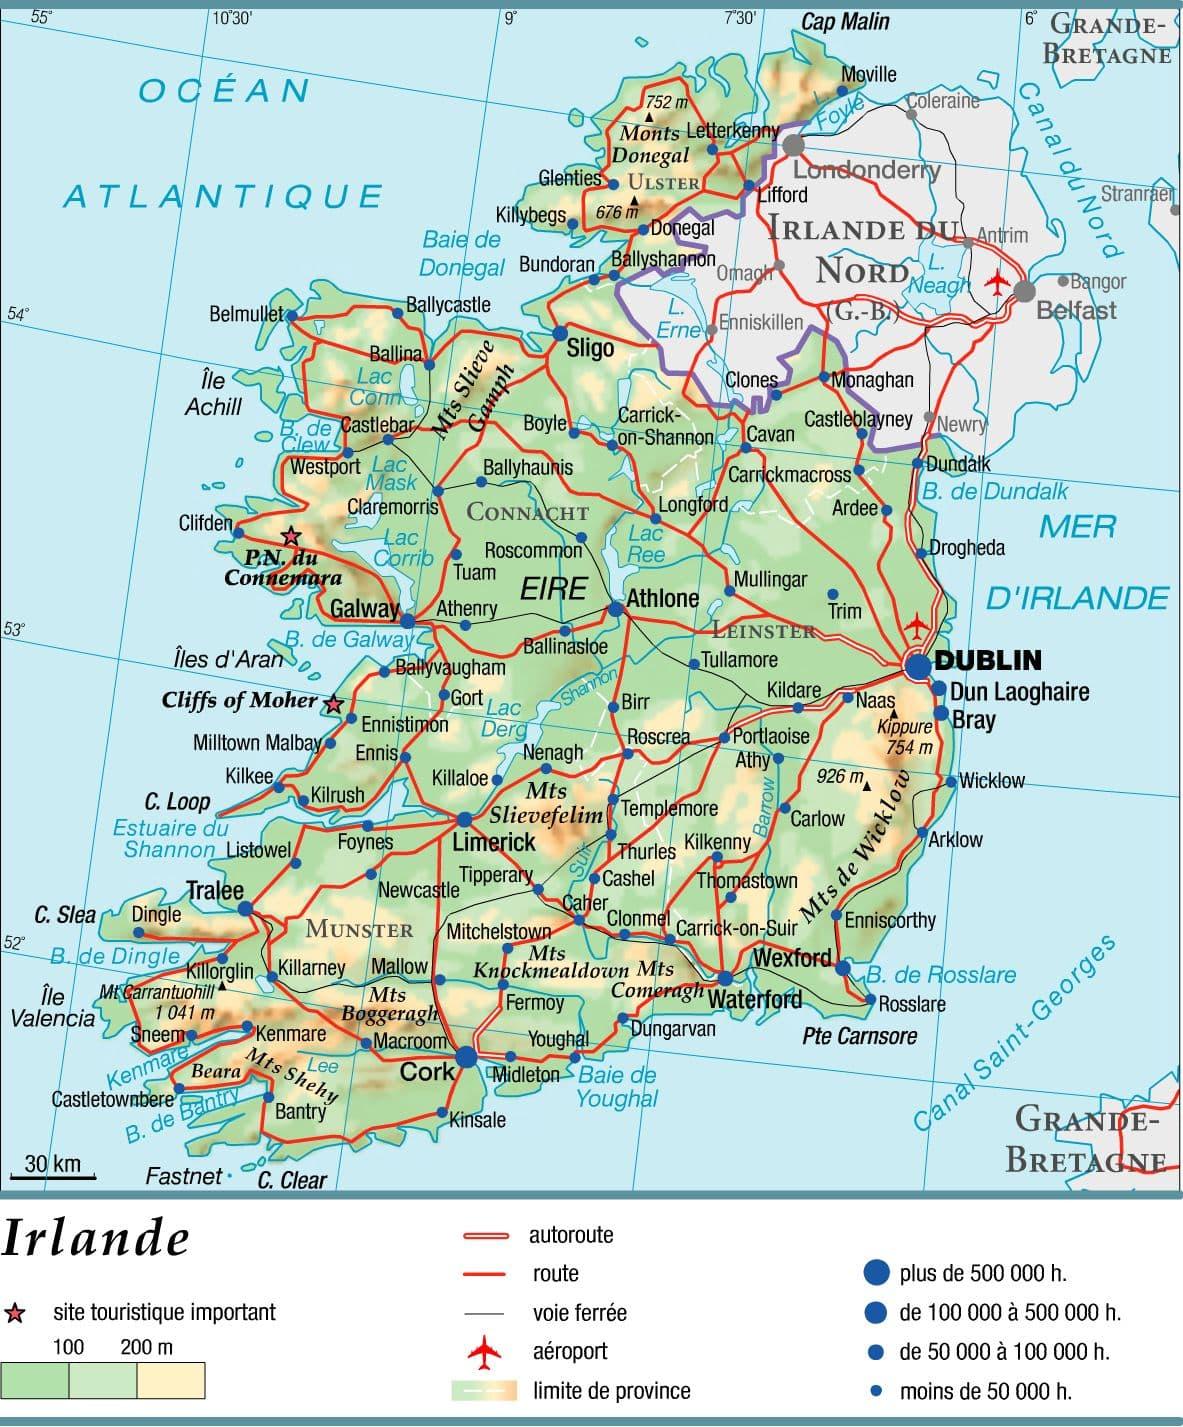 Encyclopédie Larousse en ligne   Irlande : géographie physique